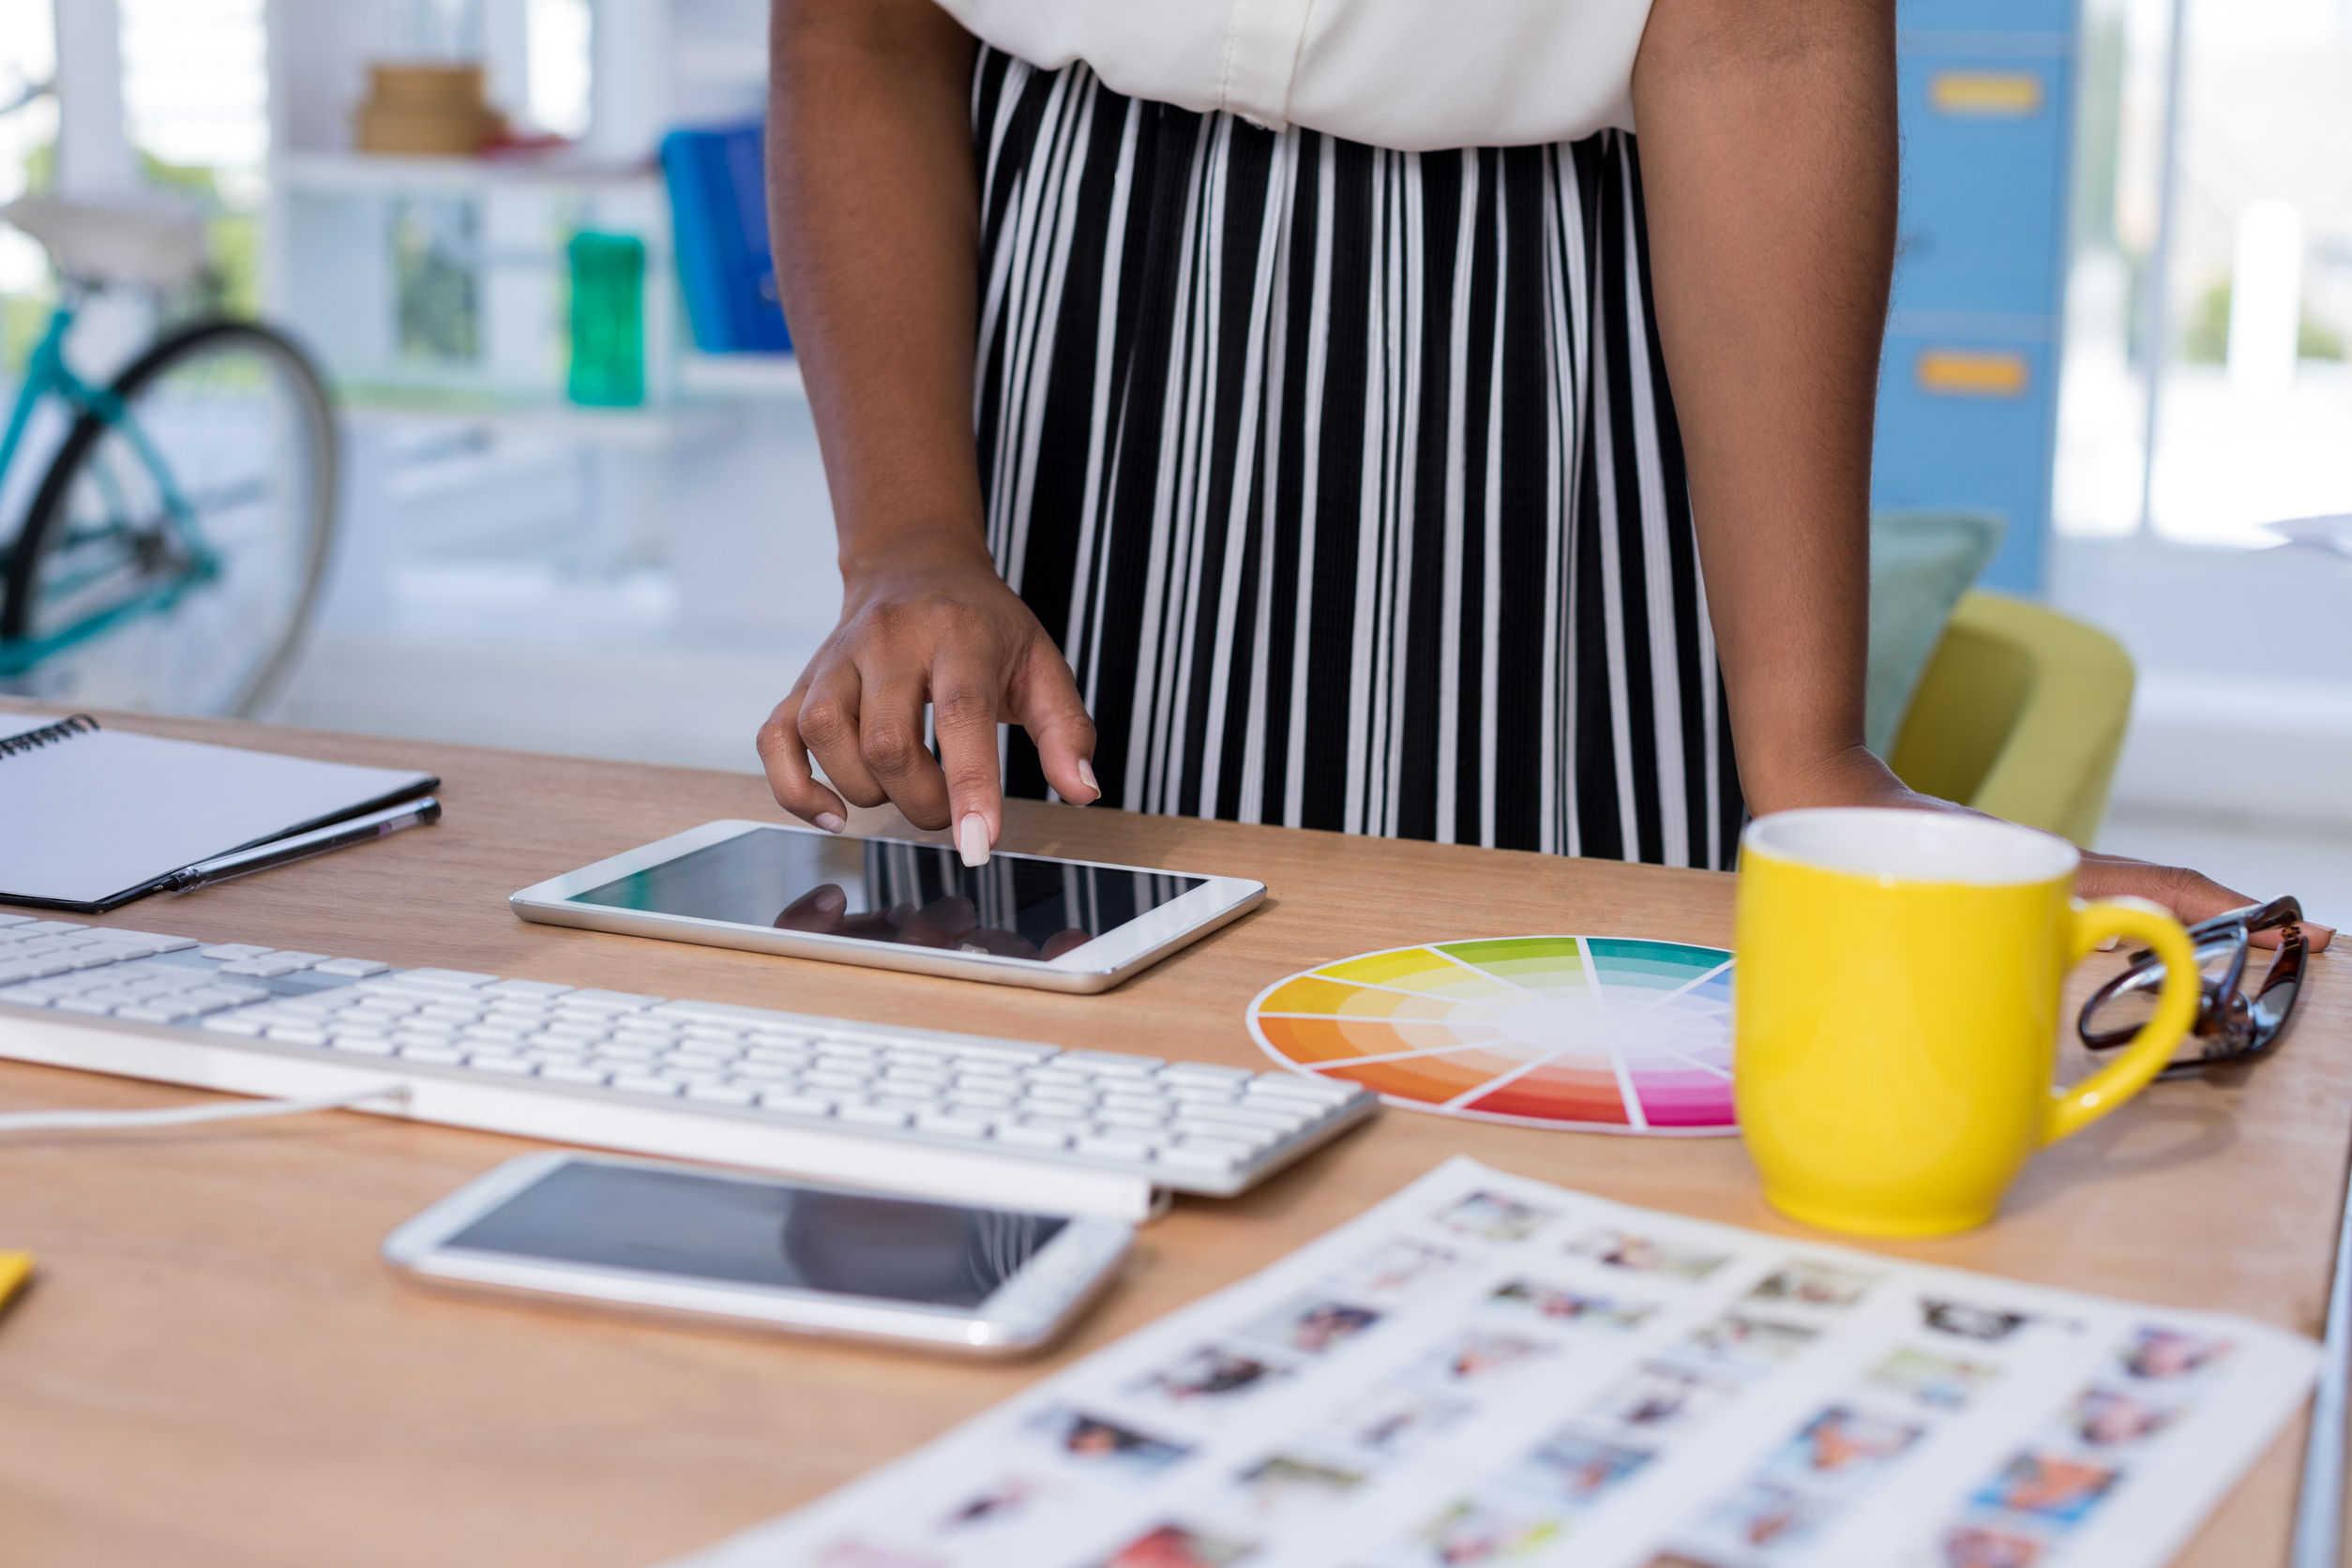 az interneten dolgozni fizetés és befektetés nélkül hogyan lehet internetet és alkalmazásokat keresni